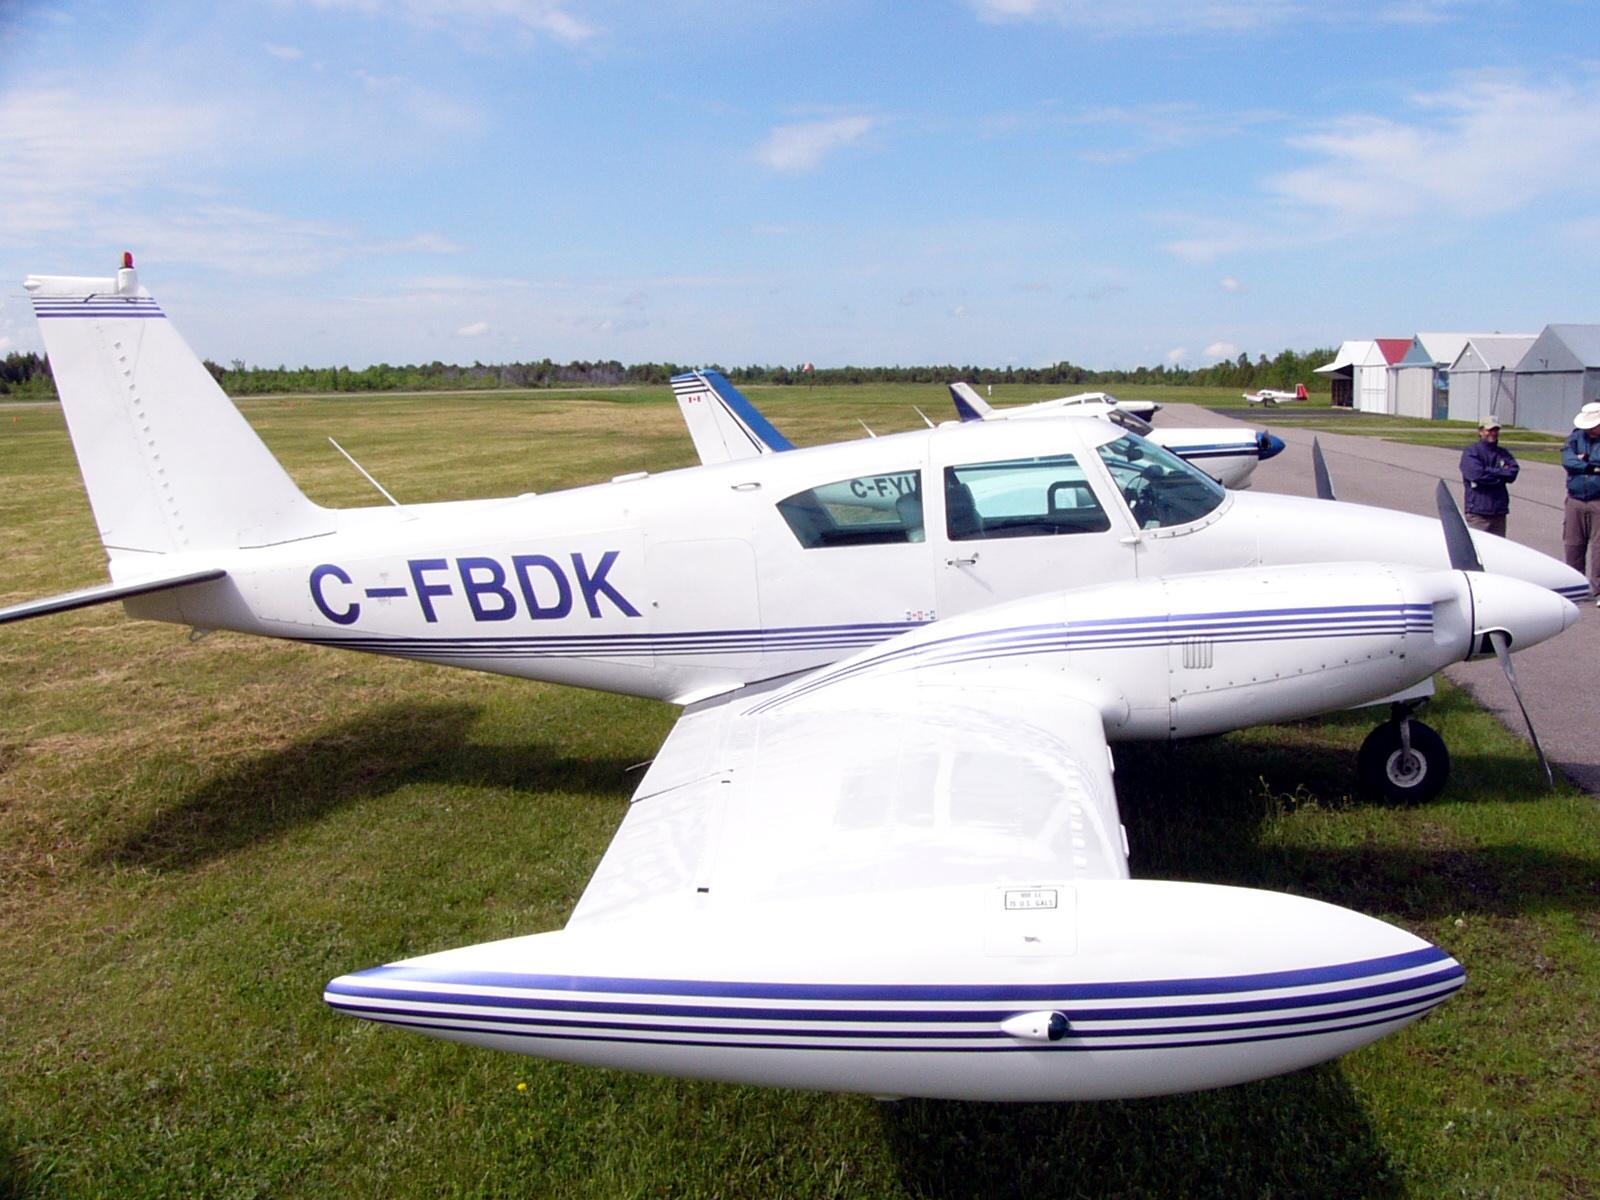 File:Piper PA-30 Twin Comanche C-FBDK 03.JPG